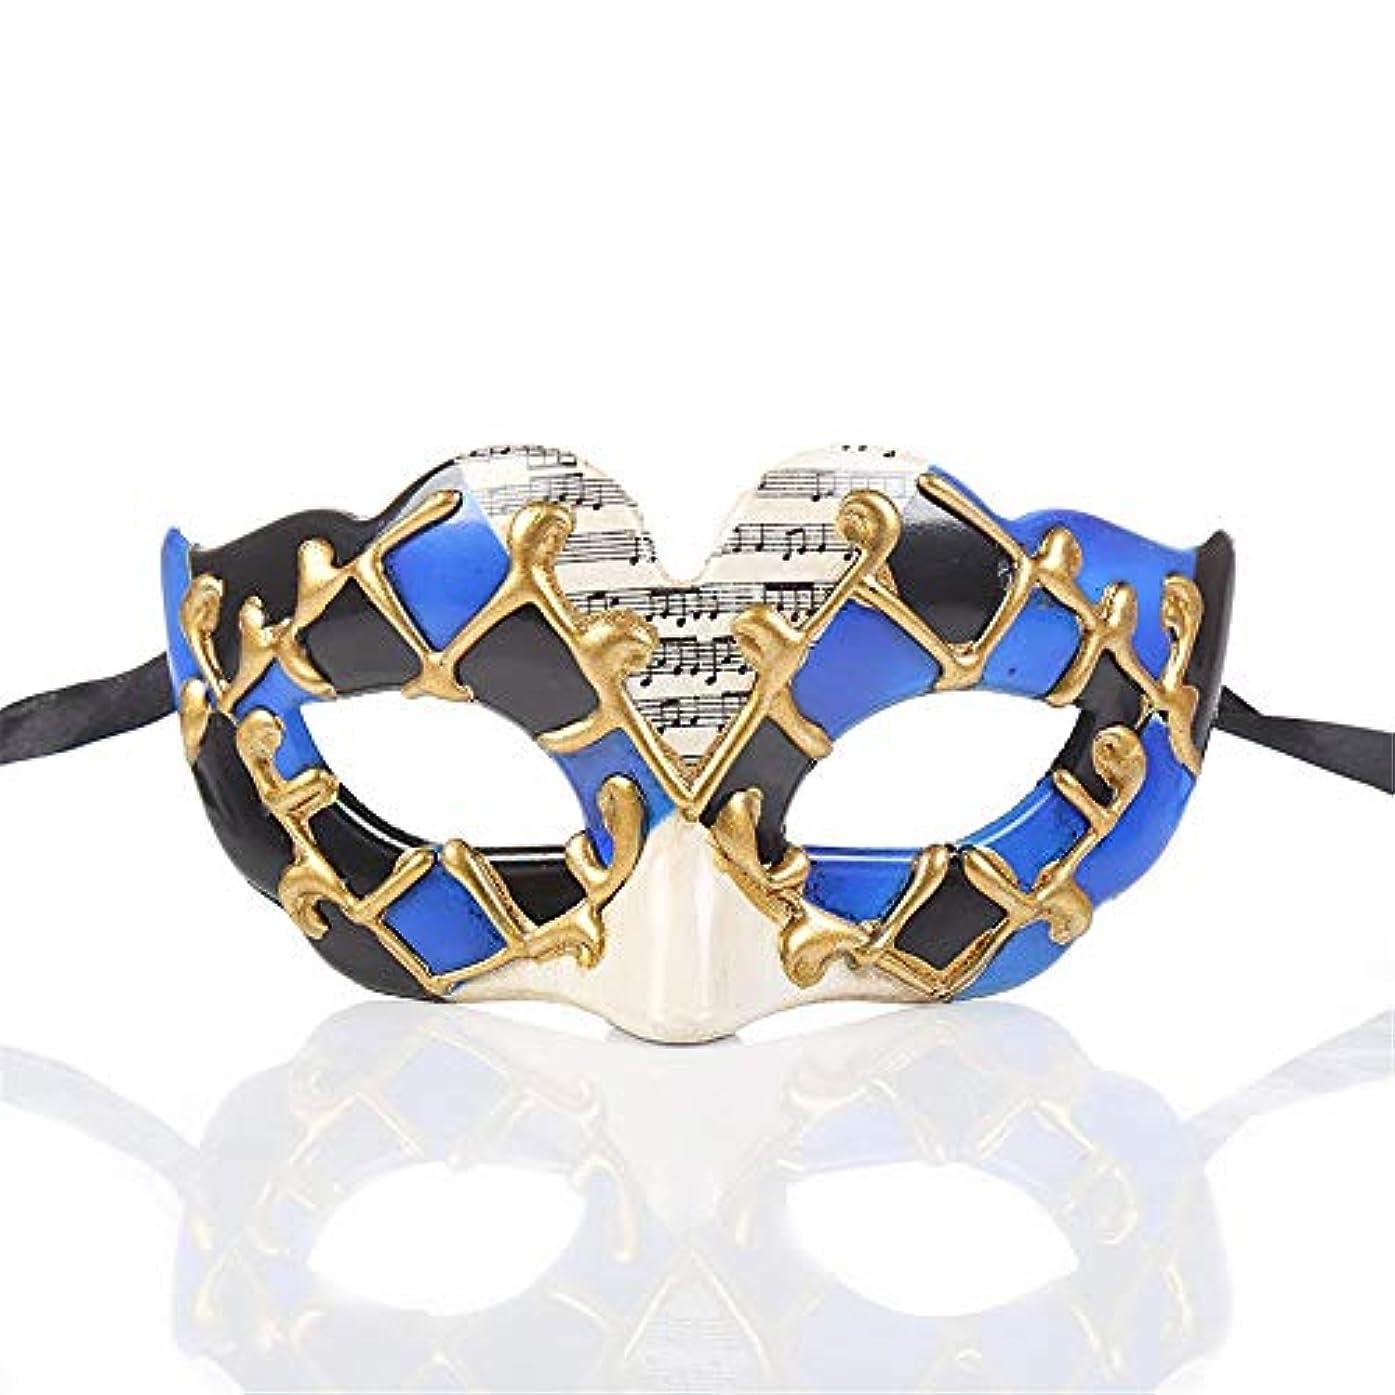 スペインあなたのものデモンストレーションダンスマスク パーティーCospalyマスクハロウィーンマスカレードデコレーションマスクフェスティバルプラスチックマスク ホリデーパーティー用品 (色 : 青, サイズ : 14.5x7.5cm)